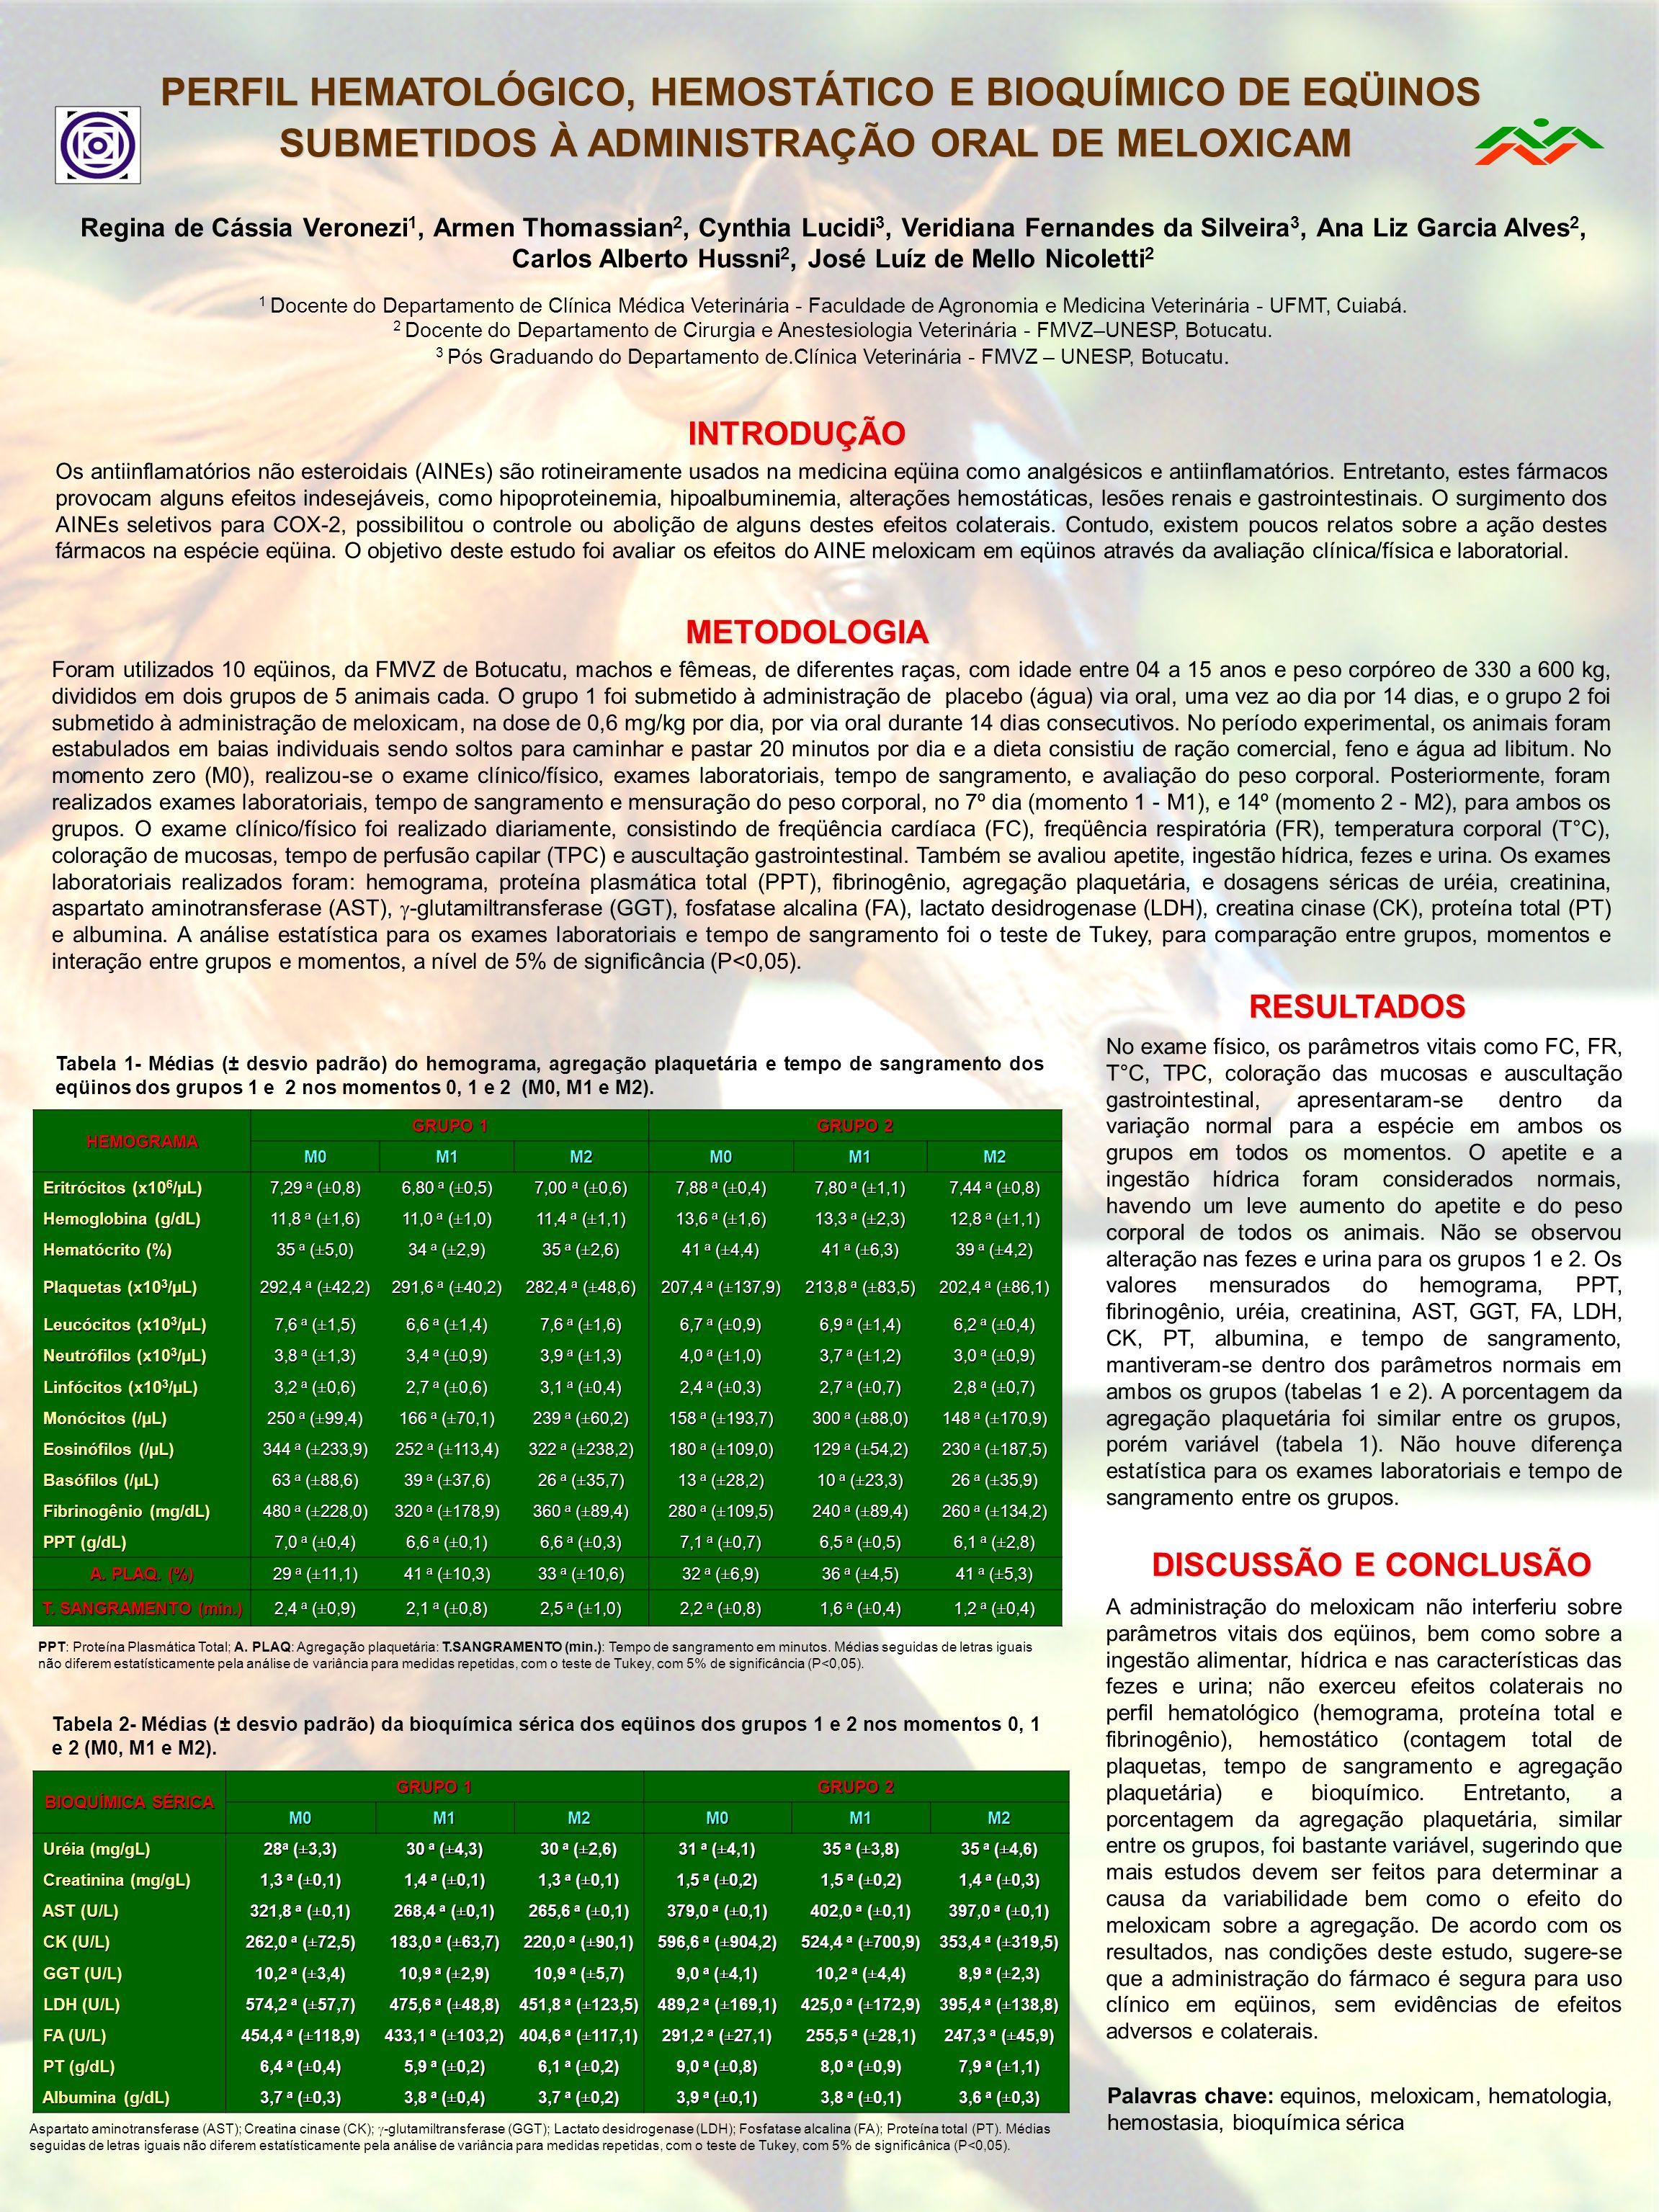 INTRODUÇÃO METODOLOGIA RESULTADOS DISCUSSÃO E CONCLUSÃO PERFIL HEMATOLÓGICO, HEMOSTÁTICO E BIOQUÍMICO DE EQÜINOS SUBMETIDOS À ADMINISTRAÇÃO ORAL DE ME